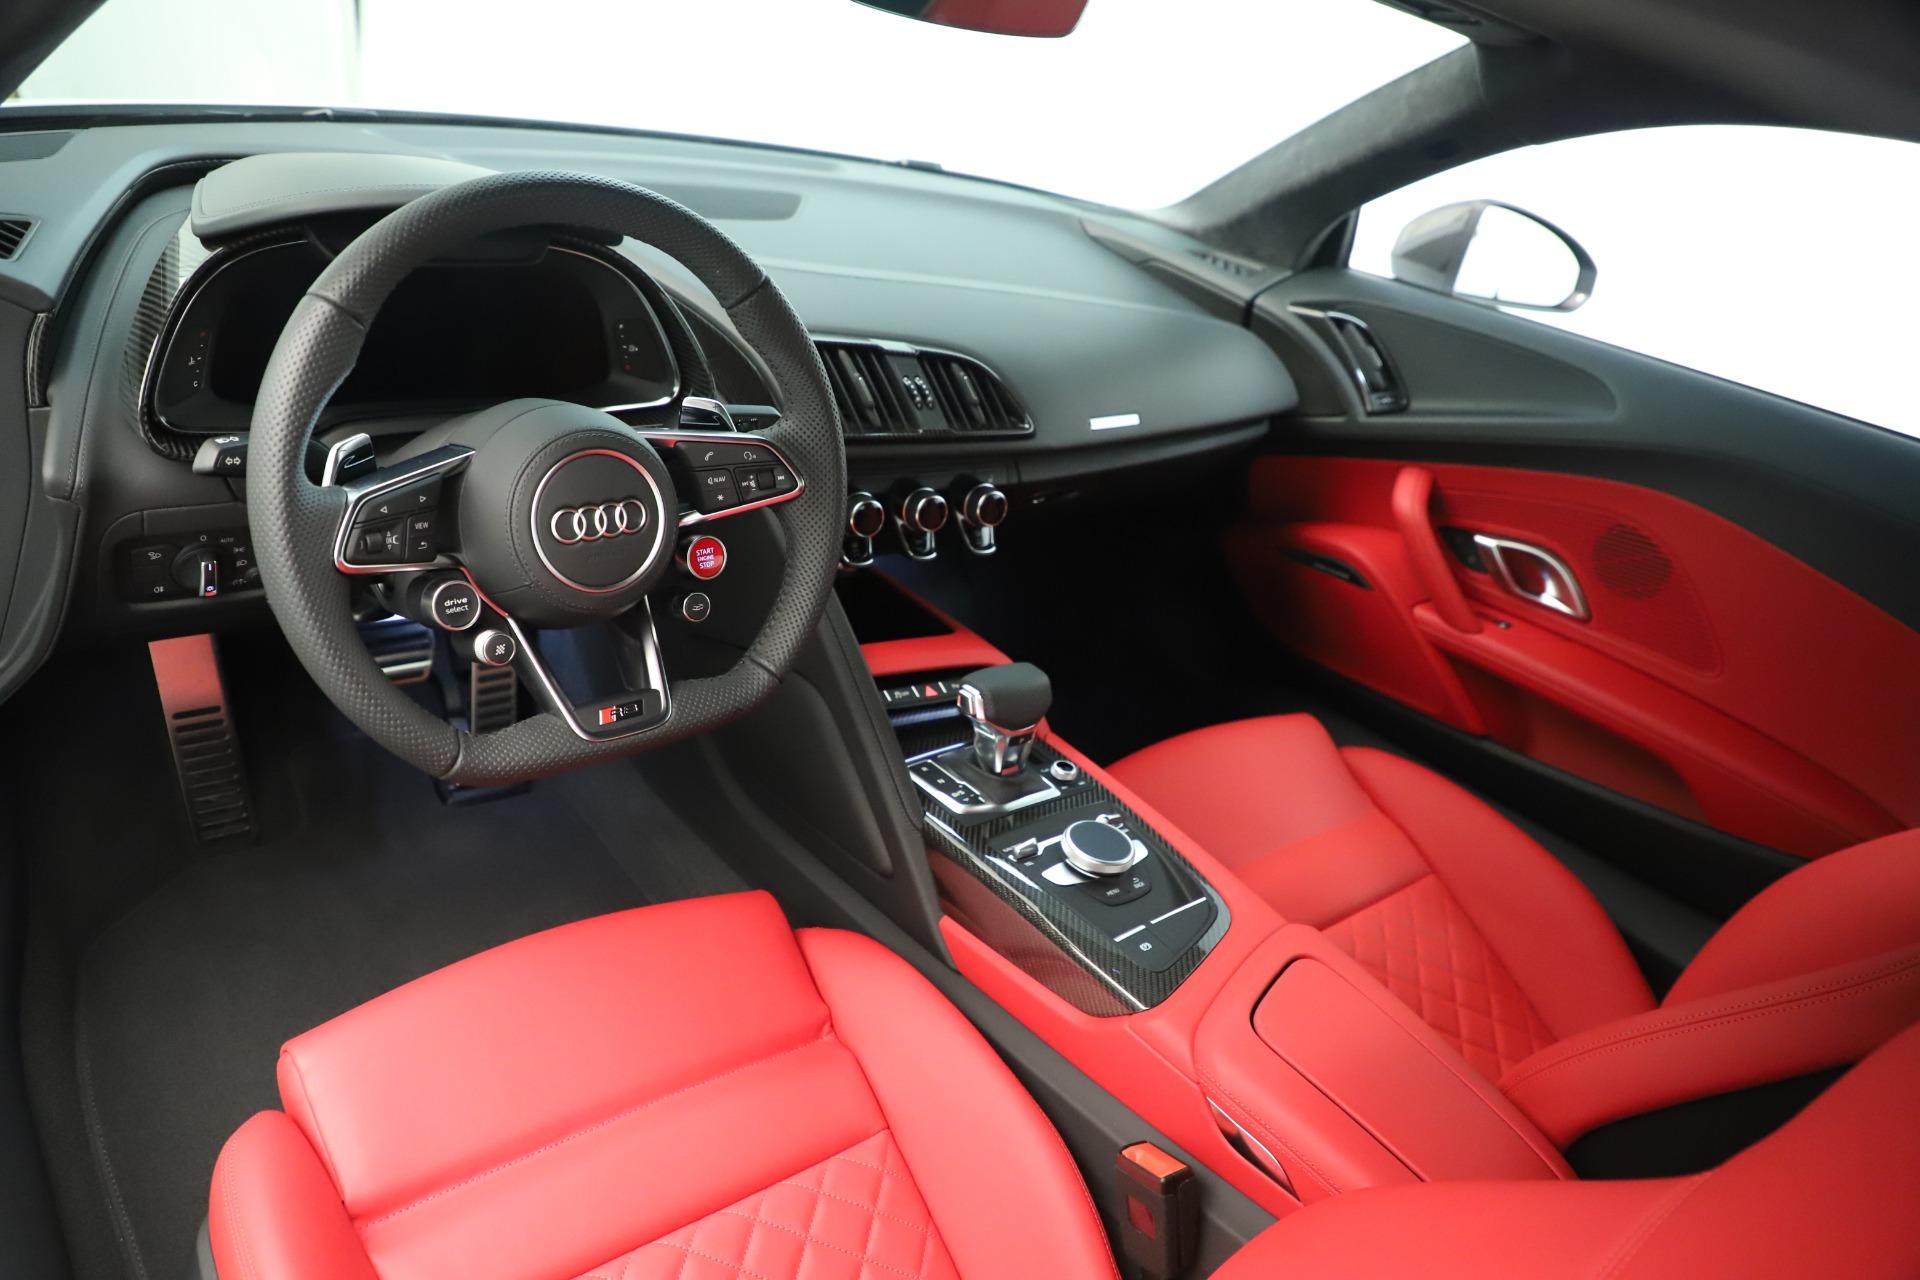 Used 2018 Audi R8 5.2 quattro V10 Plus For Sale In Greenwich, CT. Alfa Romeo of Greenwich, 7615 3360_p14